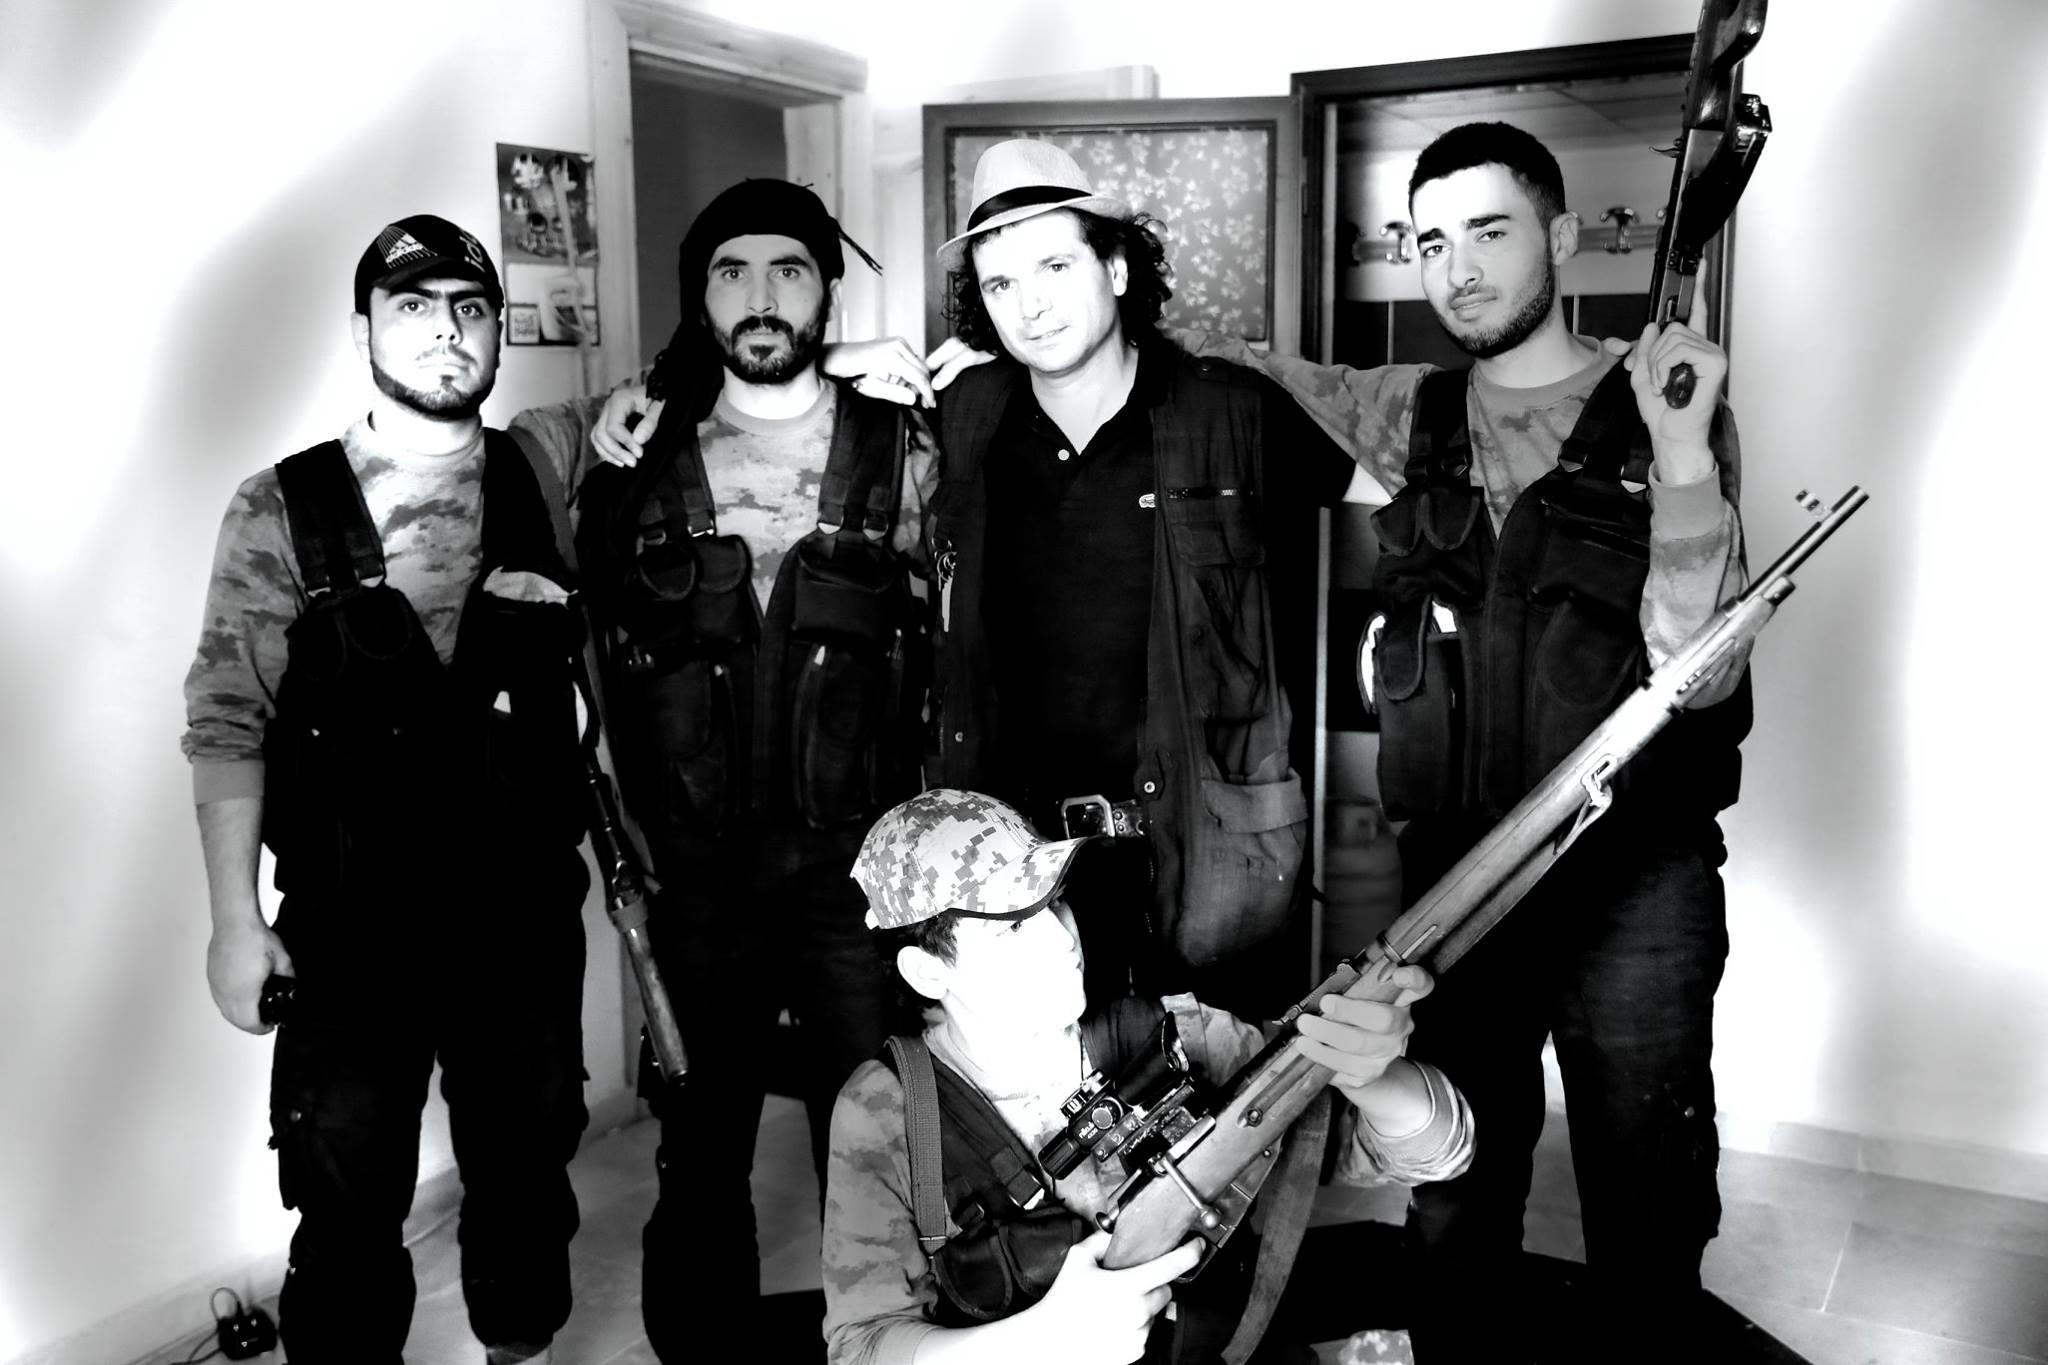 """Dice el reportero sobre esta foto: """"Junto a miembros del grupo de protección del FRENTE ISLAMICO en la ciudad martir de Marae, en las proximidades de Alepo, cubriendo las sanguinarias matanzas de civiles en las guerras de Siria e Irak"""""""